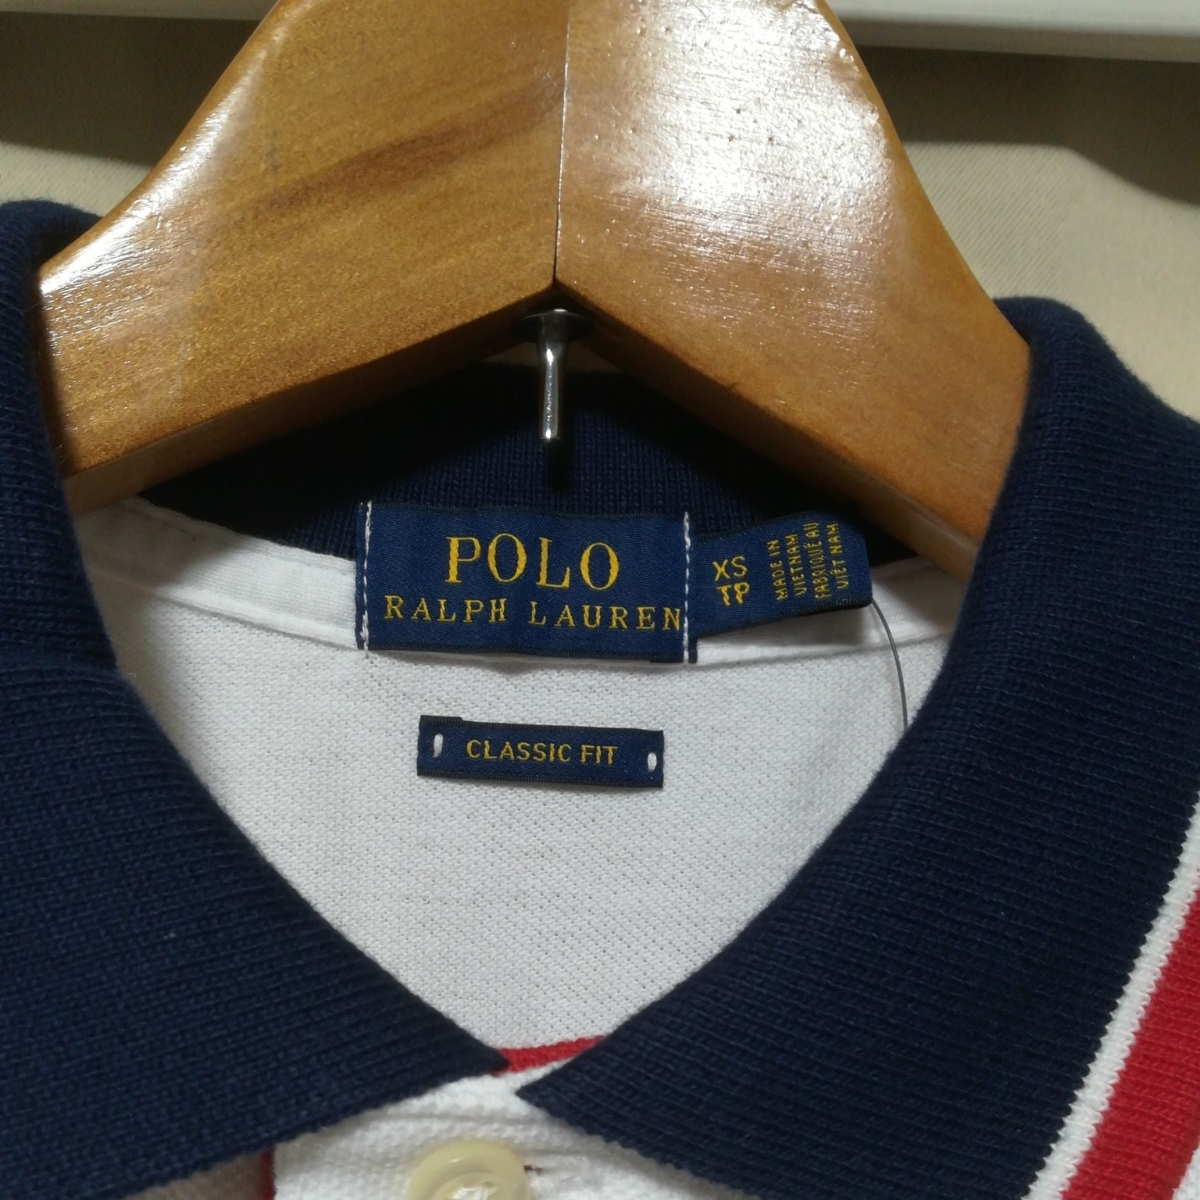 ラルフローレン ポロ レディース クラシックフィット ビッグポニー ポロシャツ XSサイズ_画像3